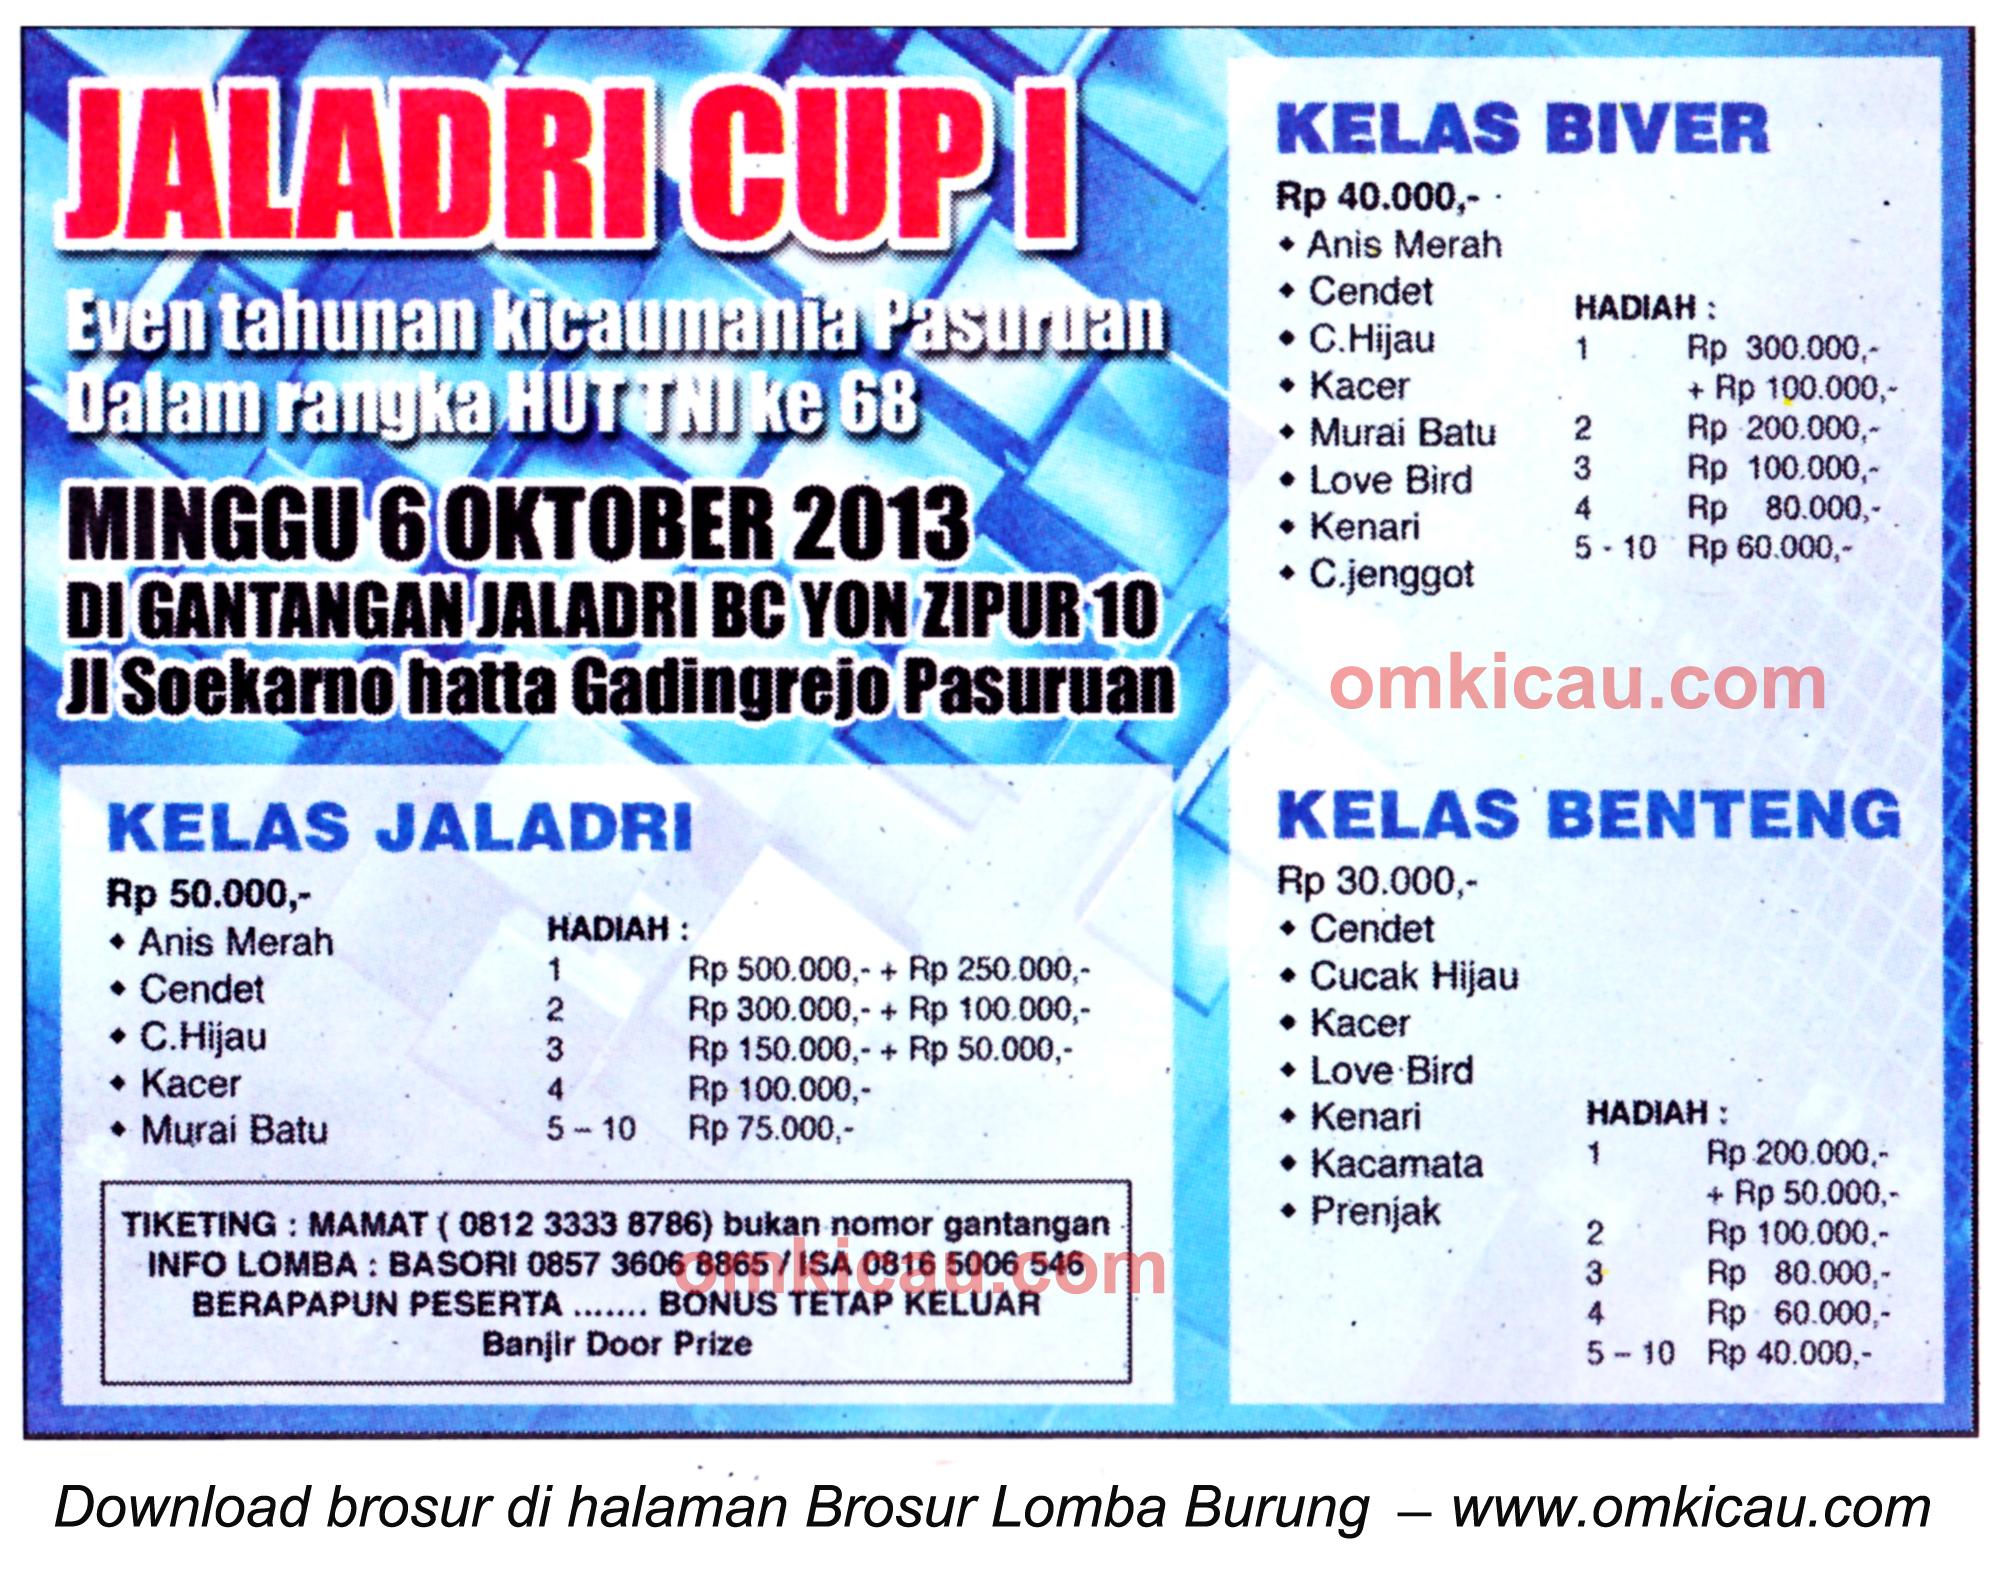 Brosur Lomba Burung Berkicau Jaladri Cup, Pasuruan, 6 Oktober 2013